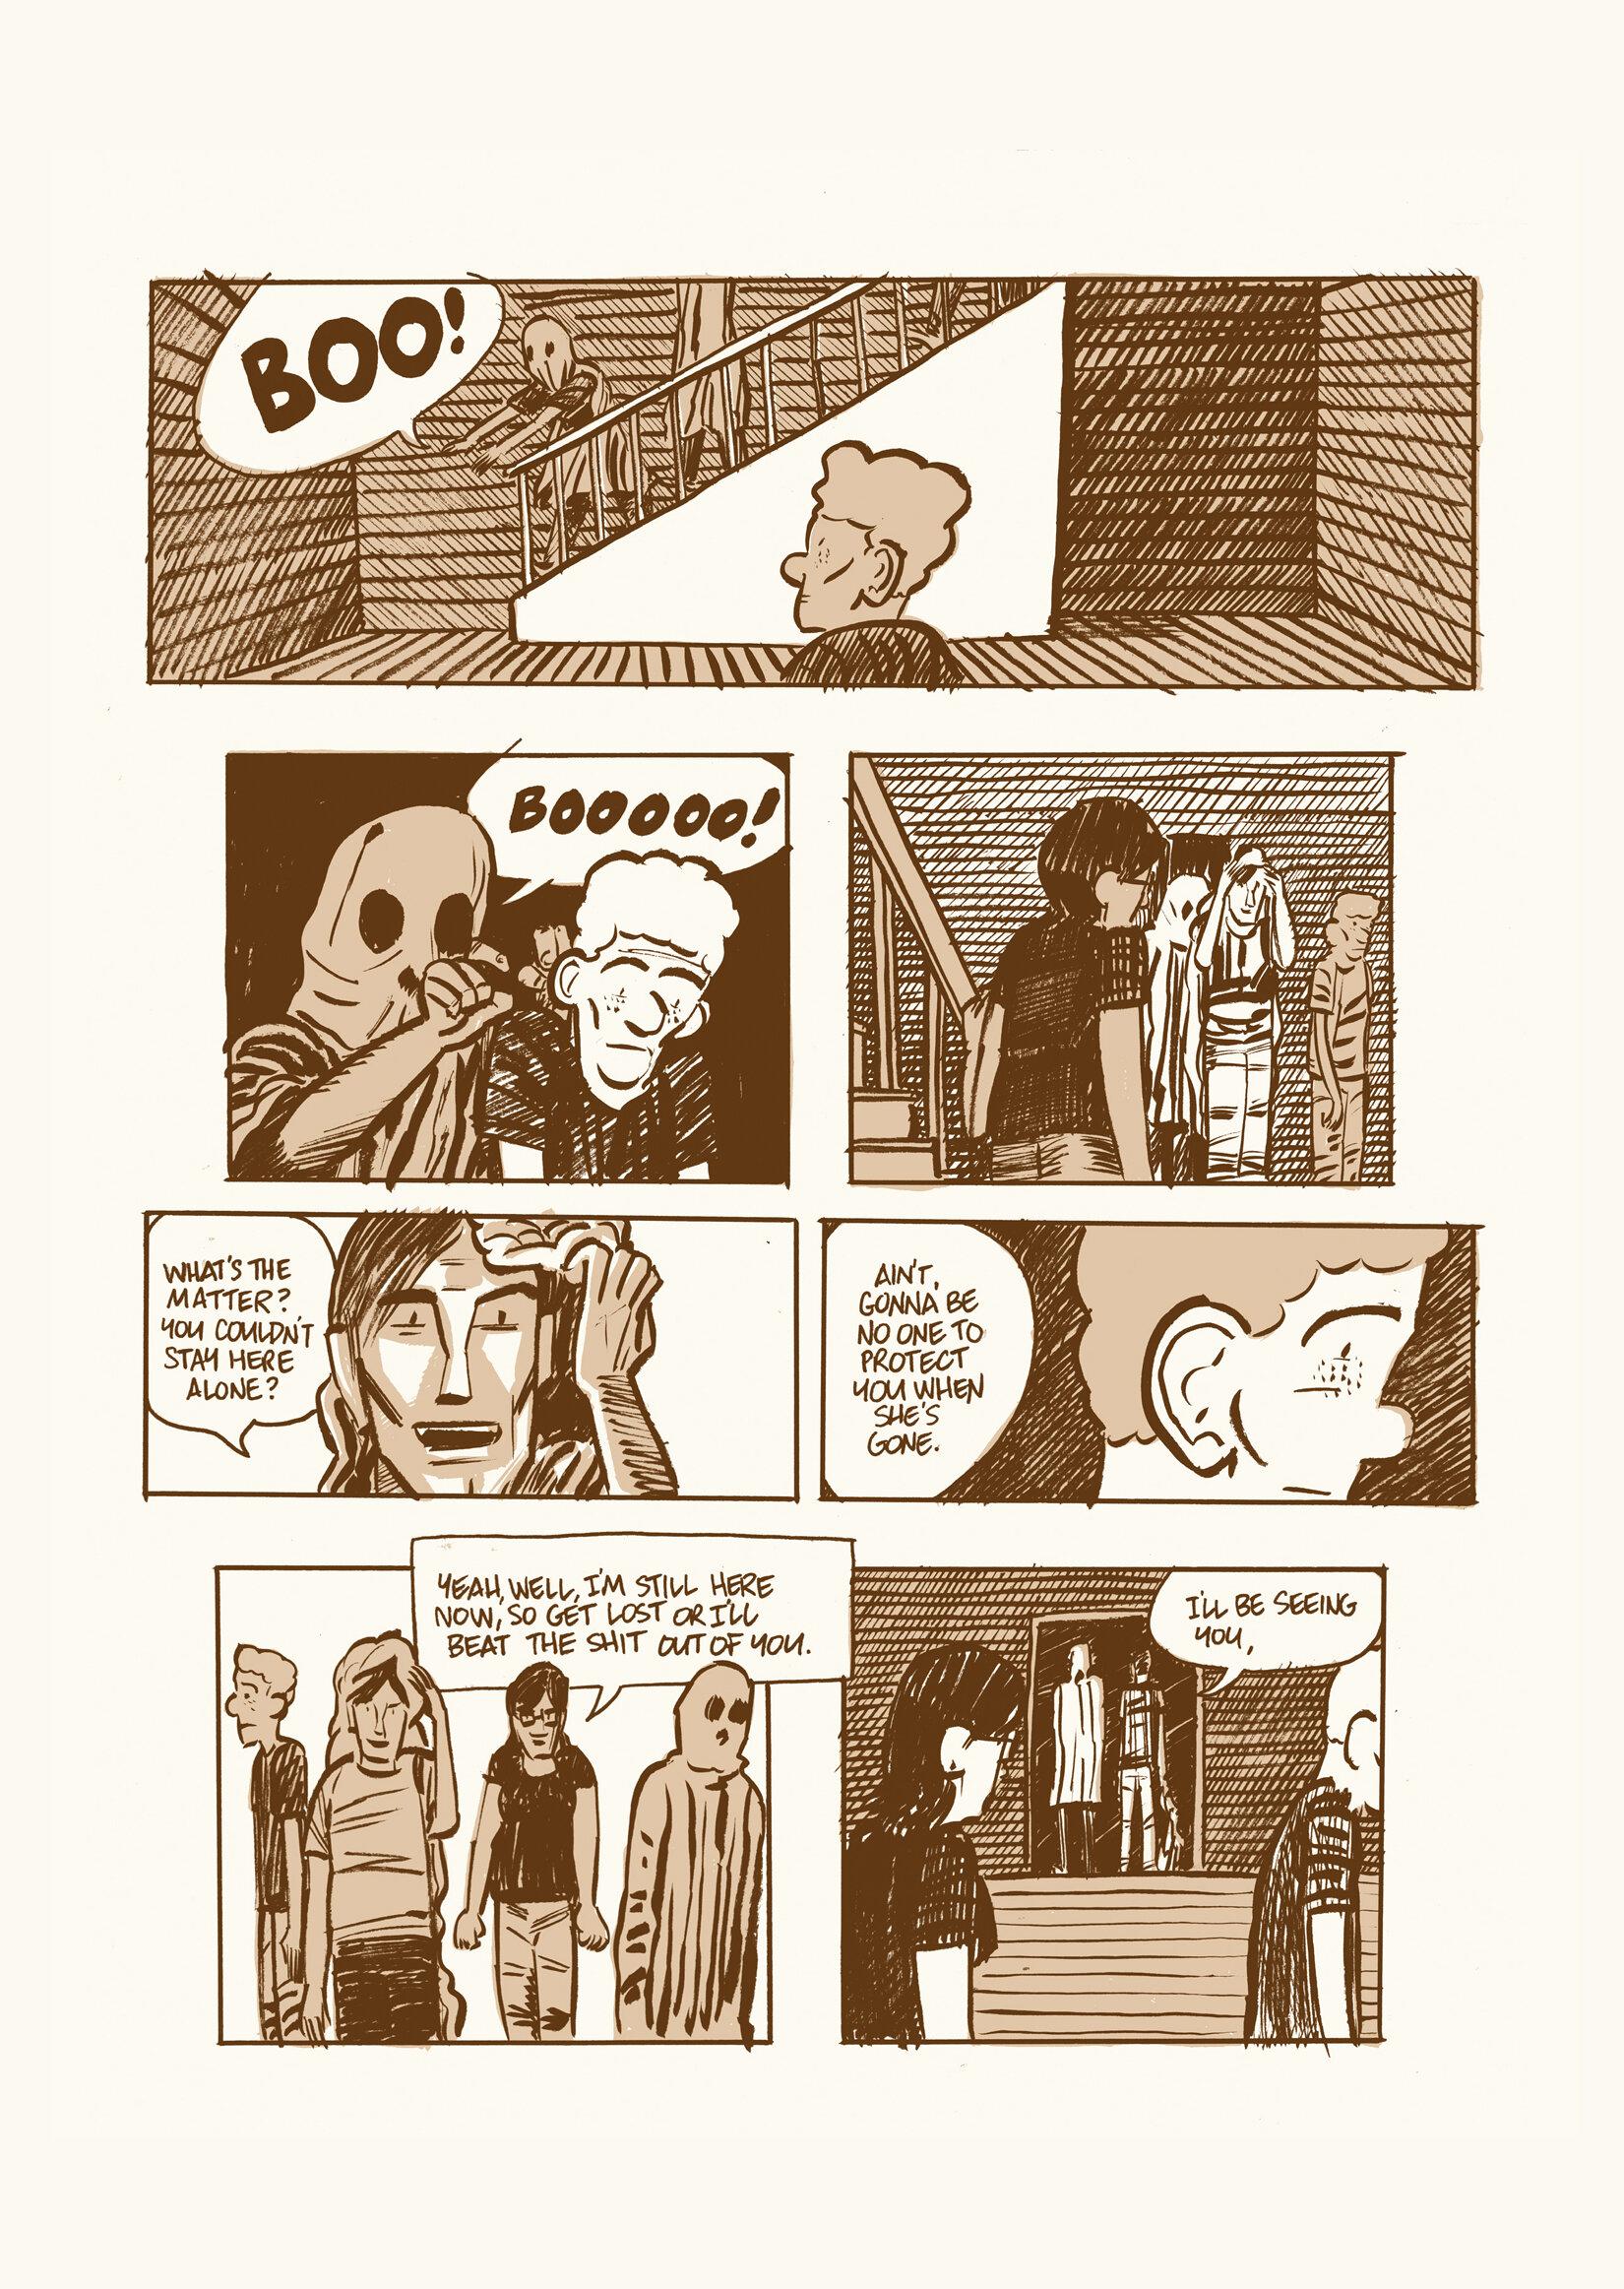 G Page 014.jpg